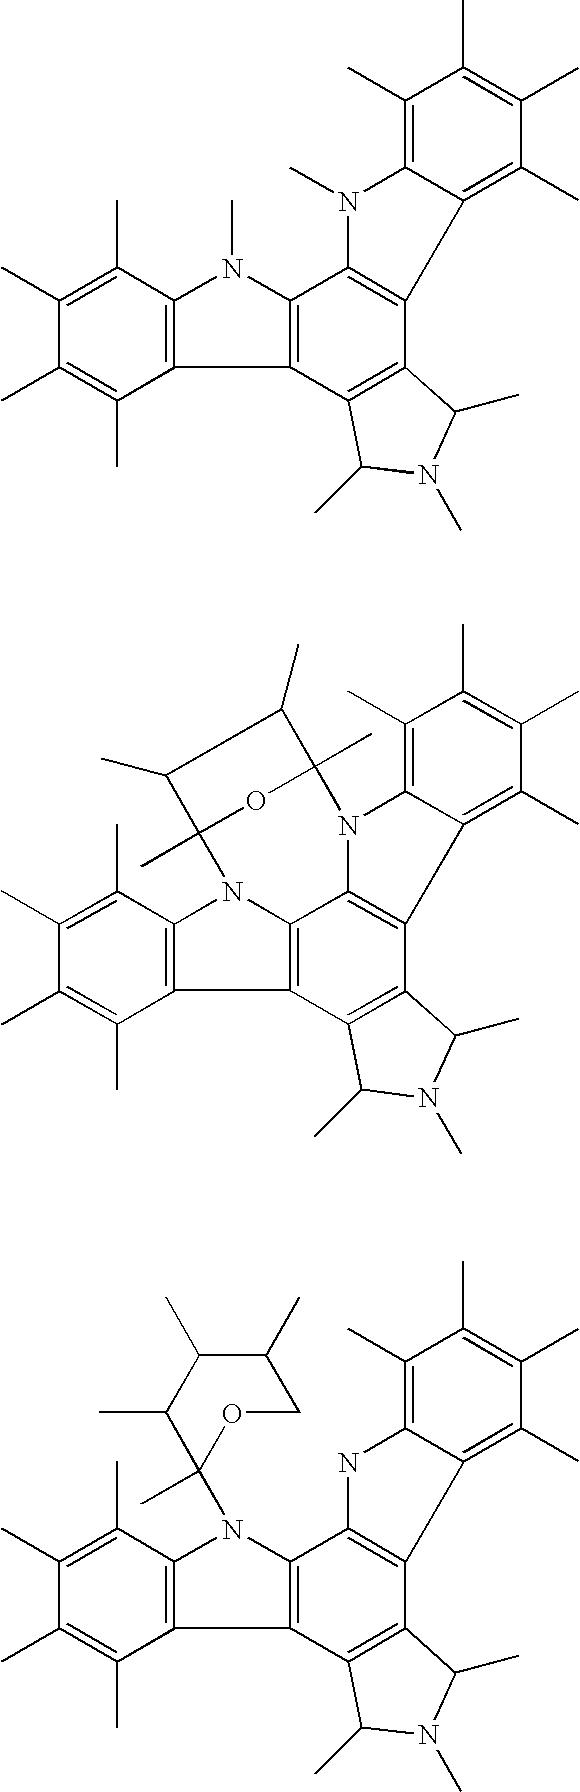 Figure US08152839-20120410-C00002